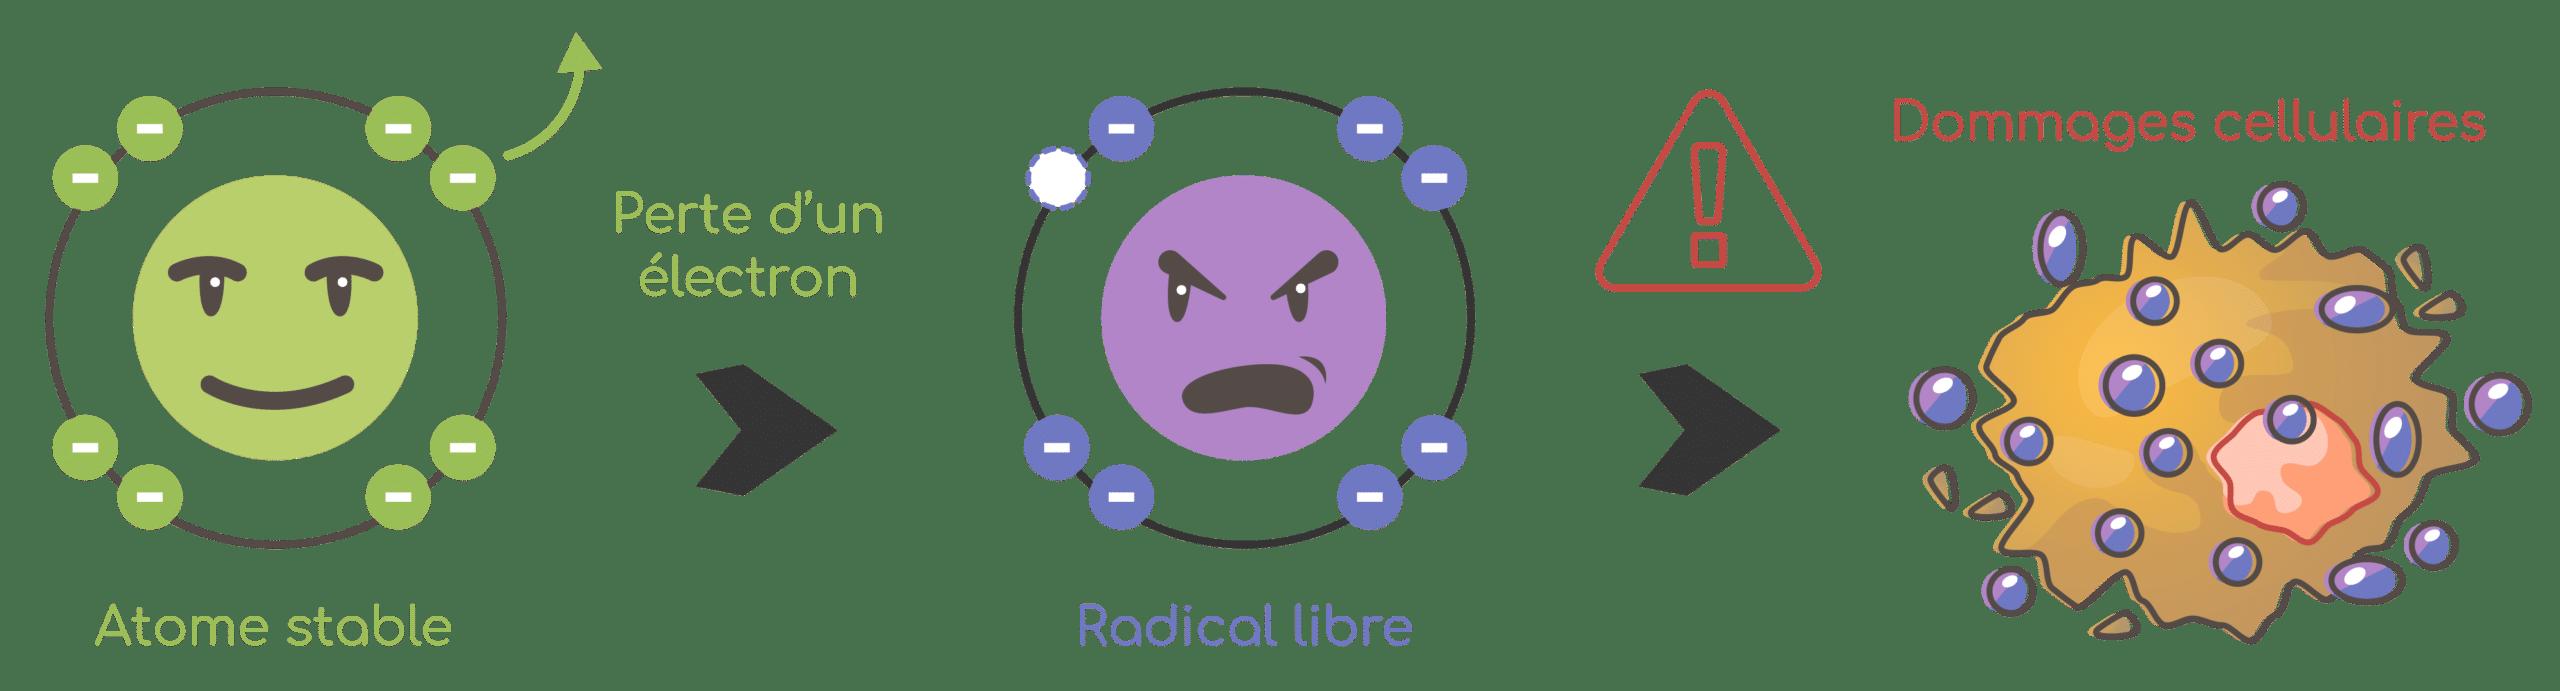 Dommages causés par les radicaux libres